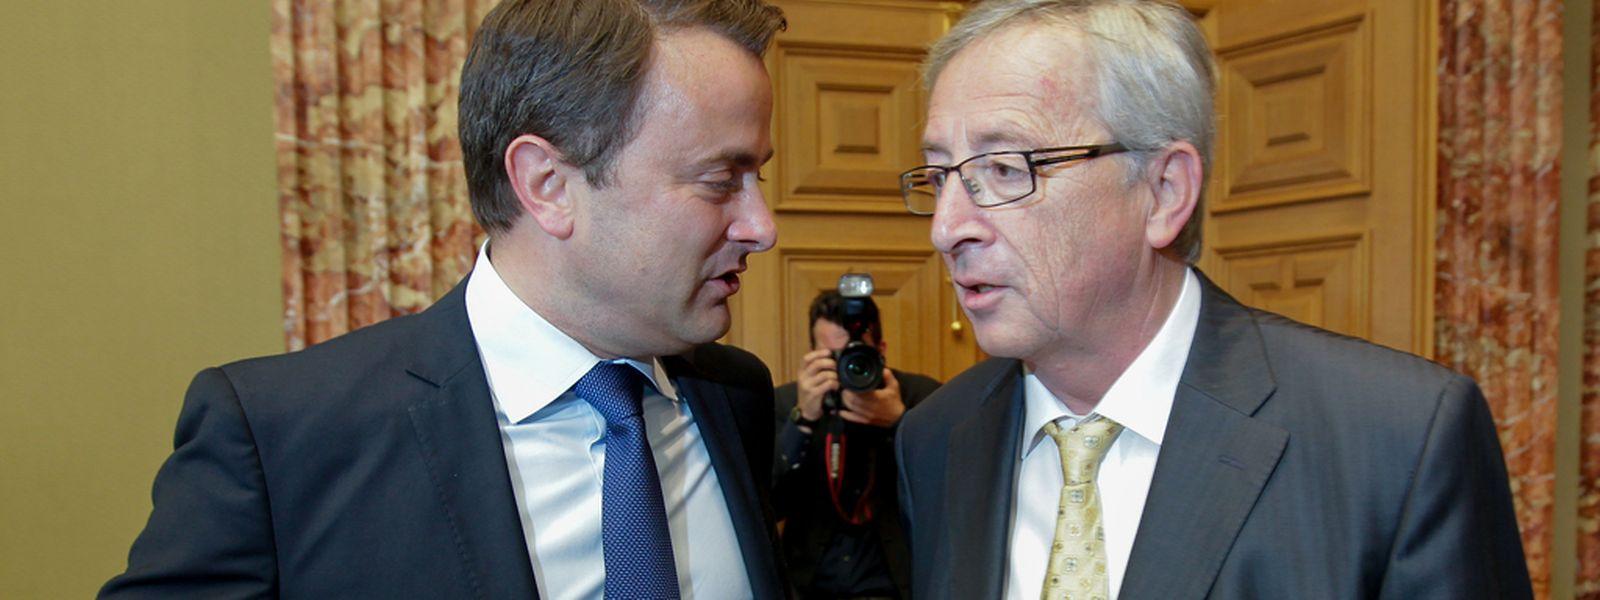 Premierminister Xavier Bettel hat nicht vor, seinem Vorgänger Jean-Claude Juncker die Verantwortung für die umstrittenen Steuernachlässe in die Schuhe zu schieben.